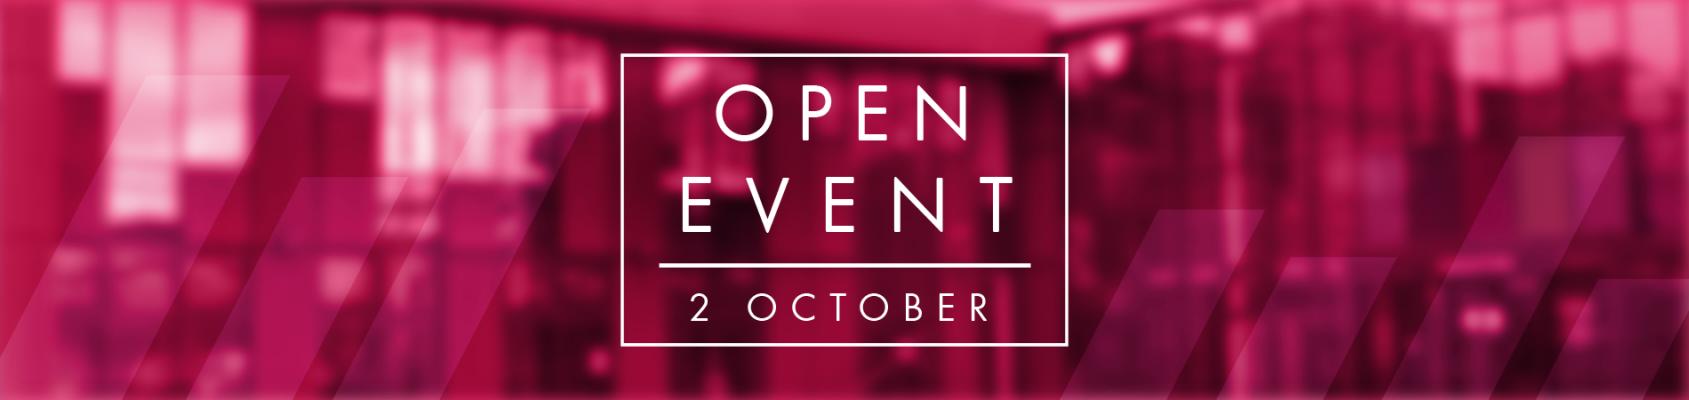 Open Event October 2